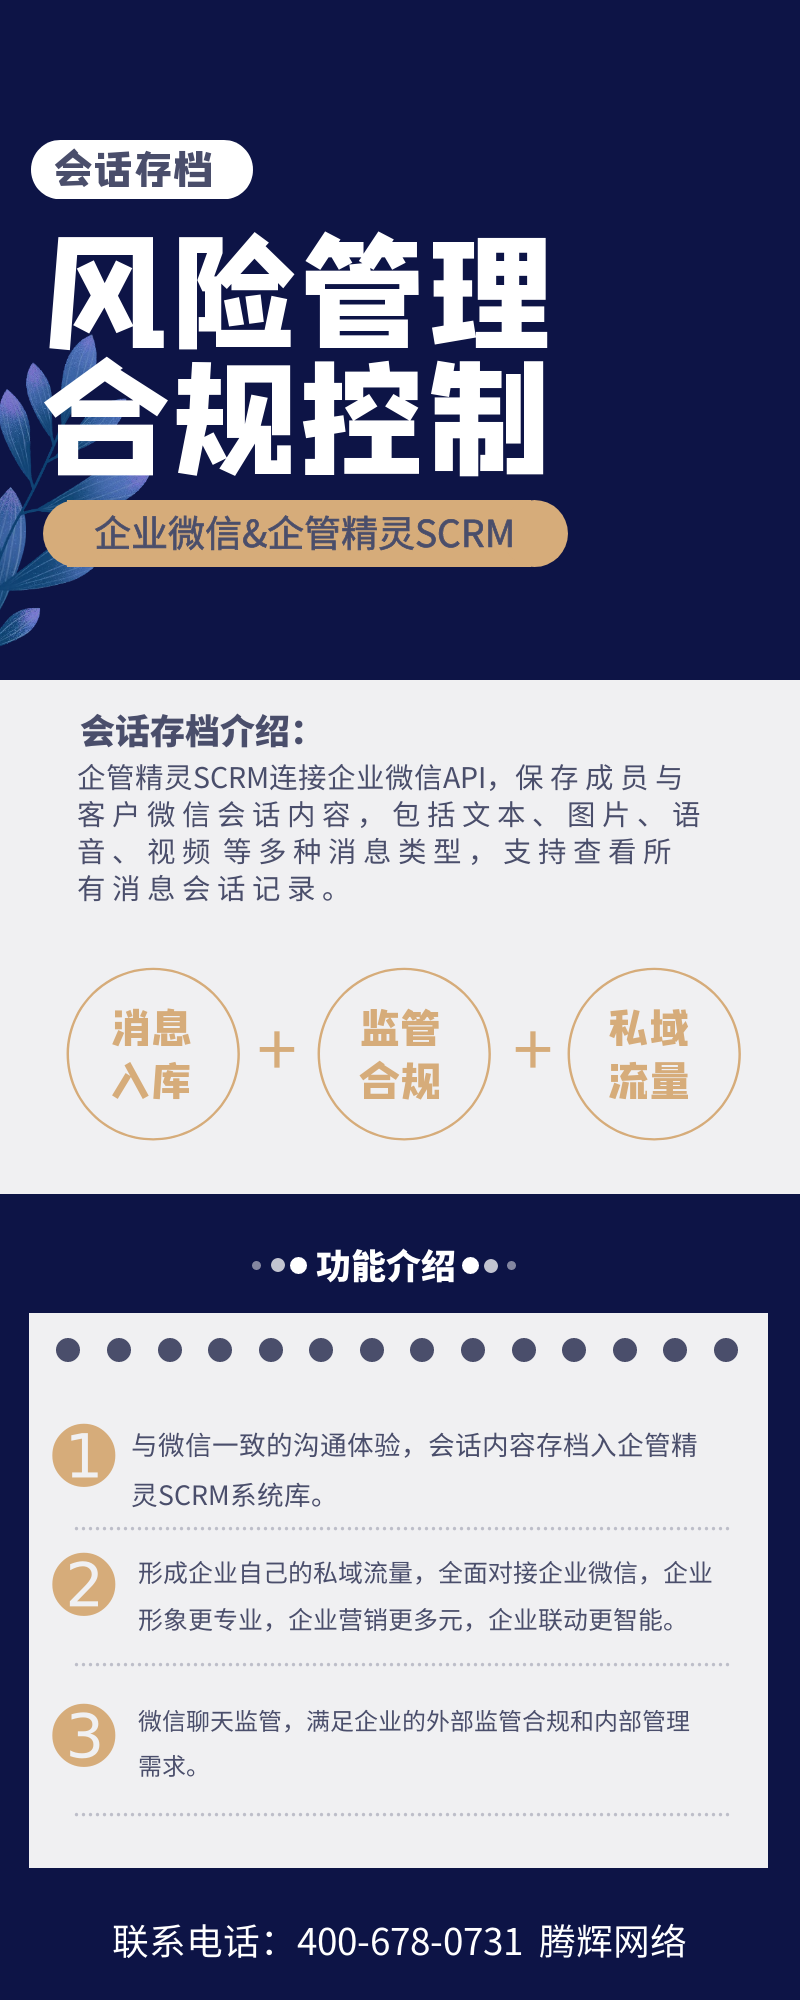 企业微信会话存档.png